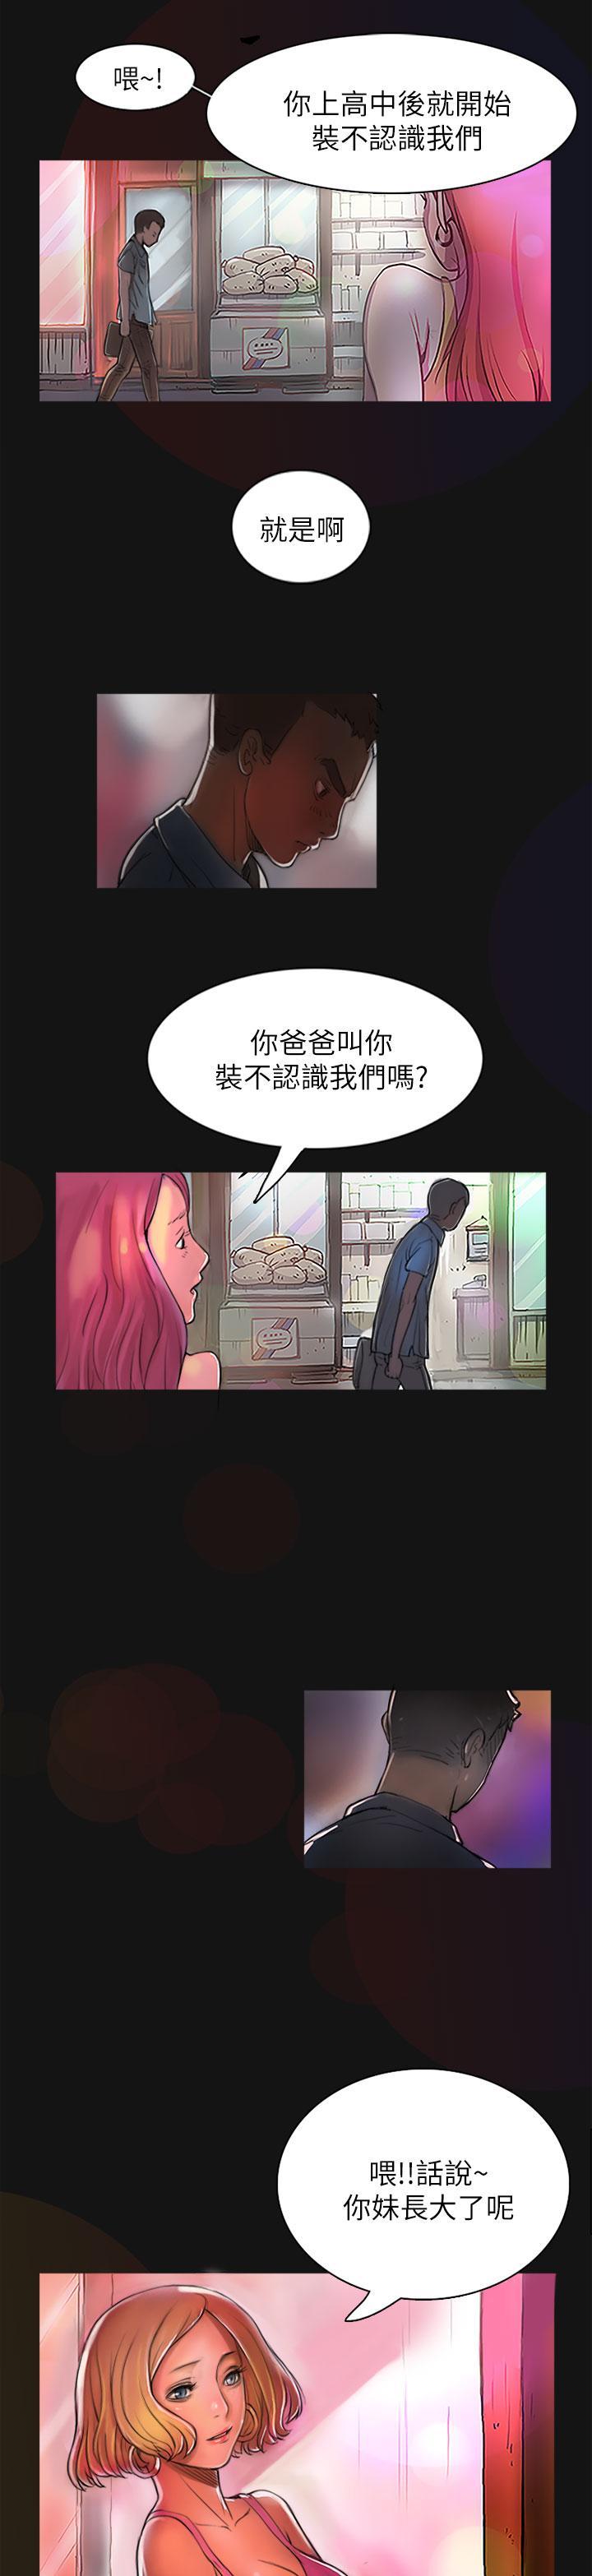 姊姊: 莲 第1~10話 [Chinese]中文 25